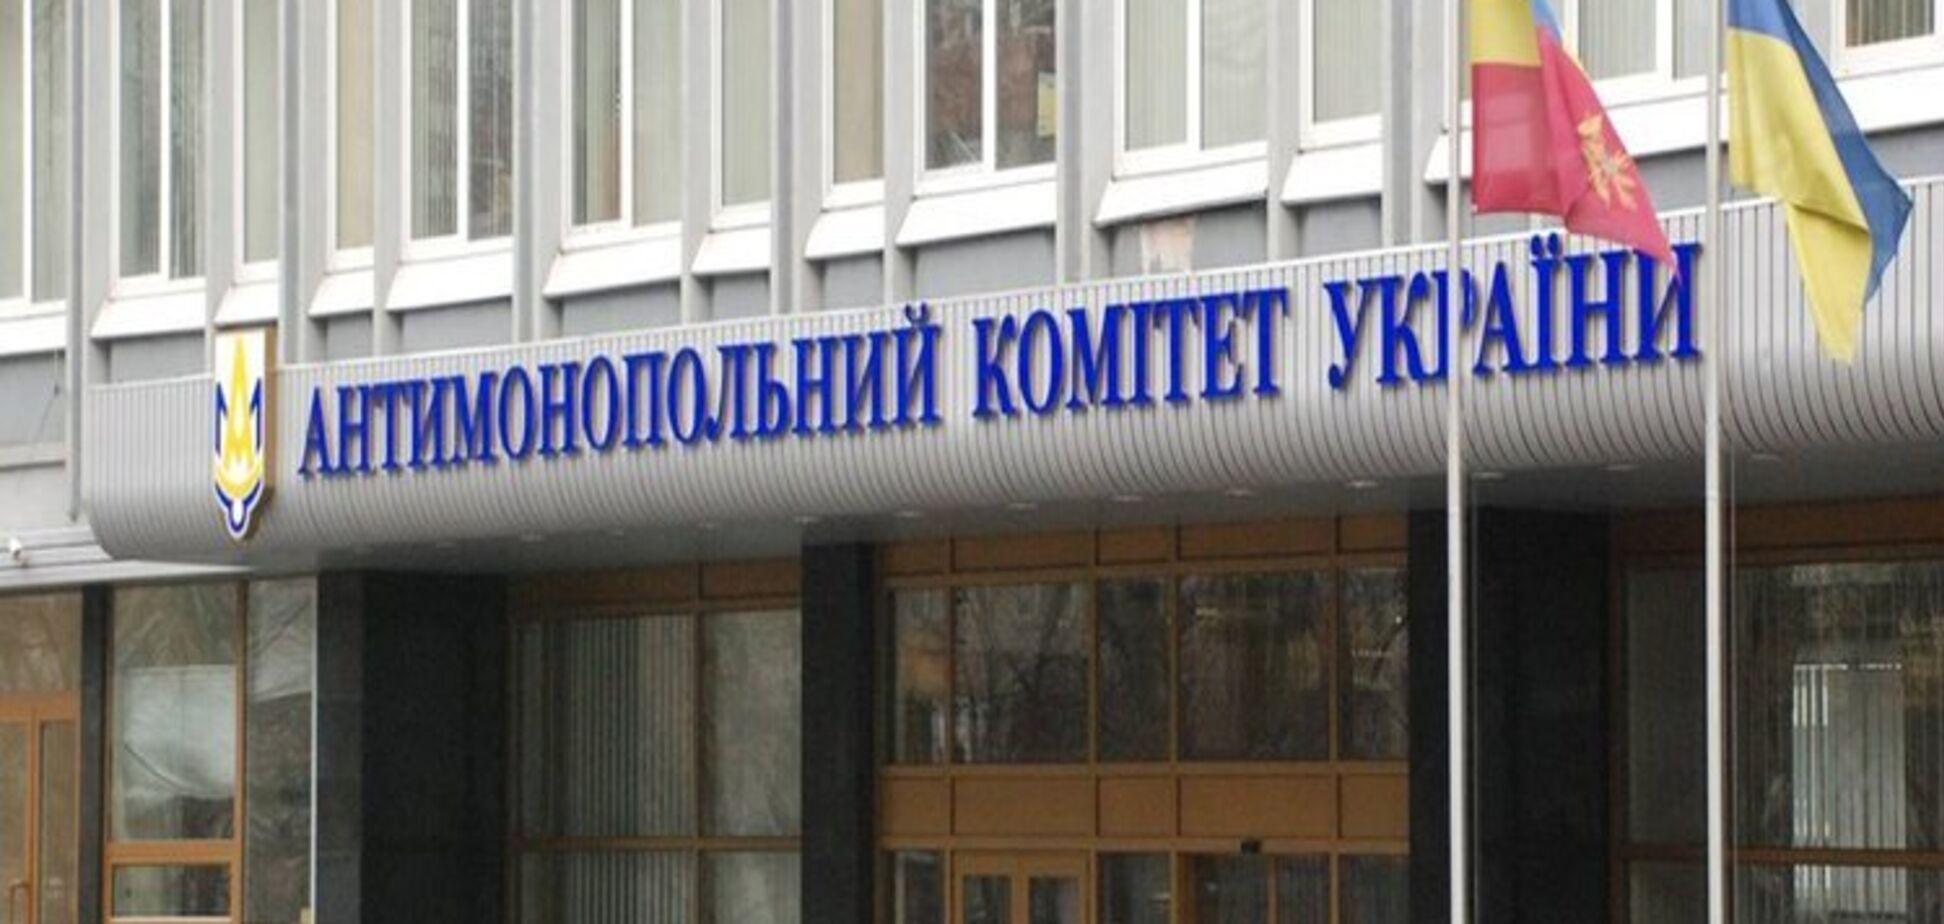 АМКУ наложила штраф в связи со злоупотреблением монопольным положением на рынке поставки колес